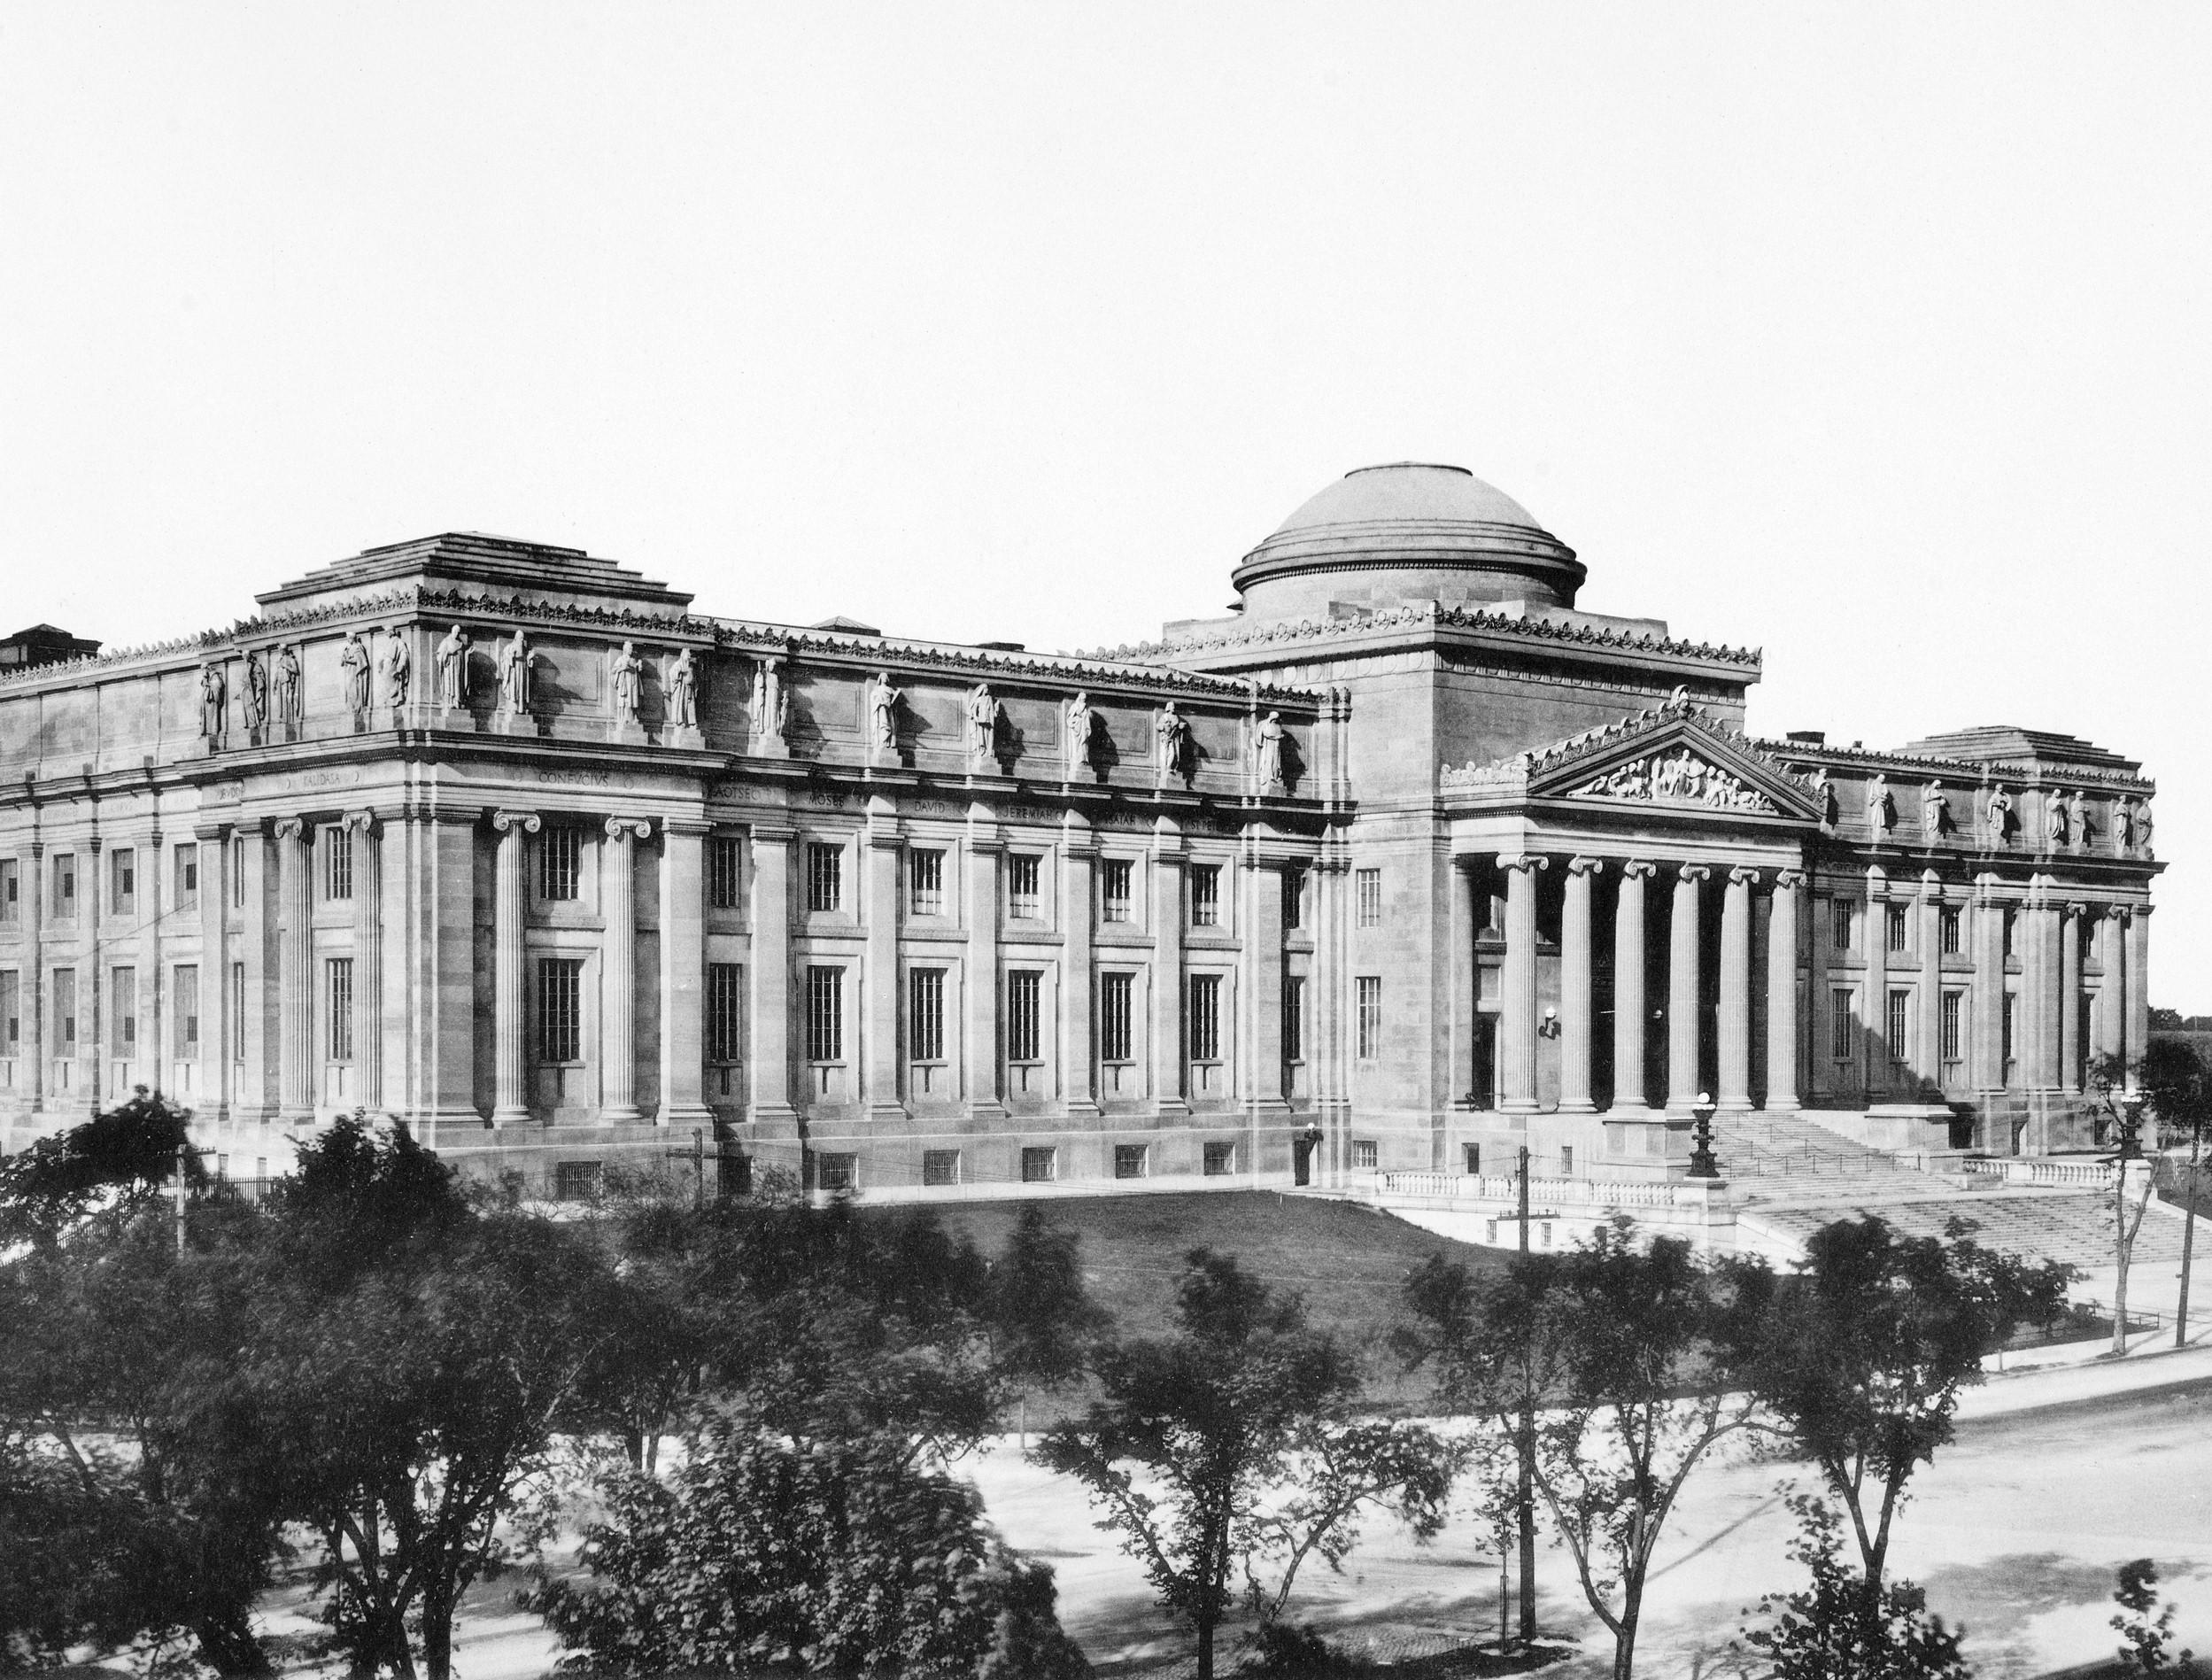 McKim, Mead & White, Brooklyn Institute